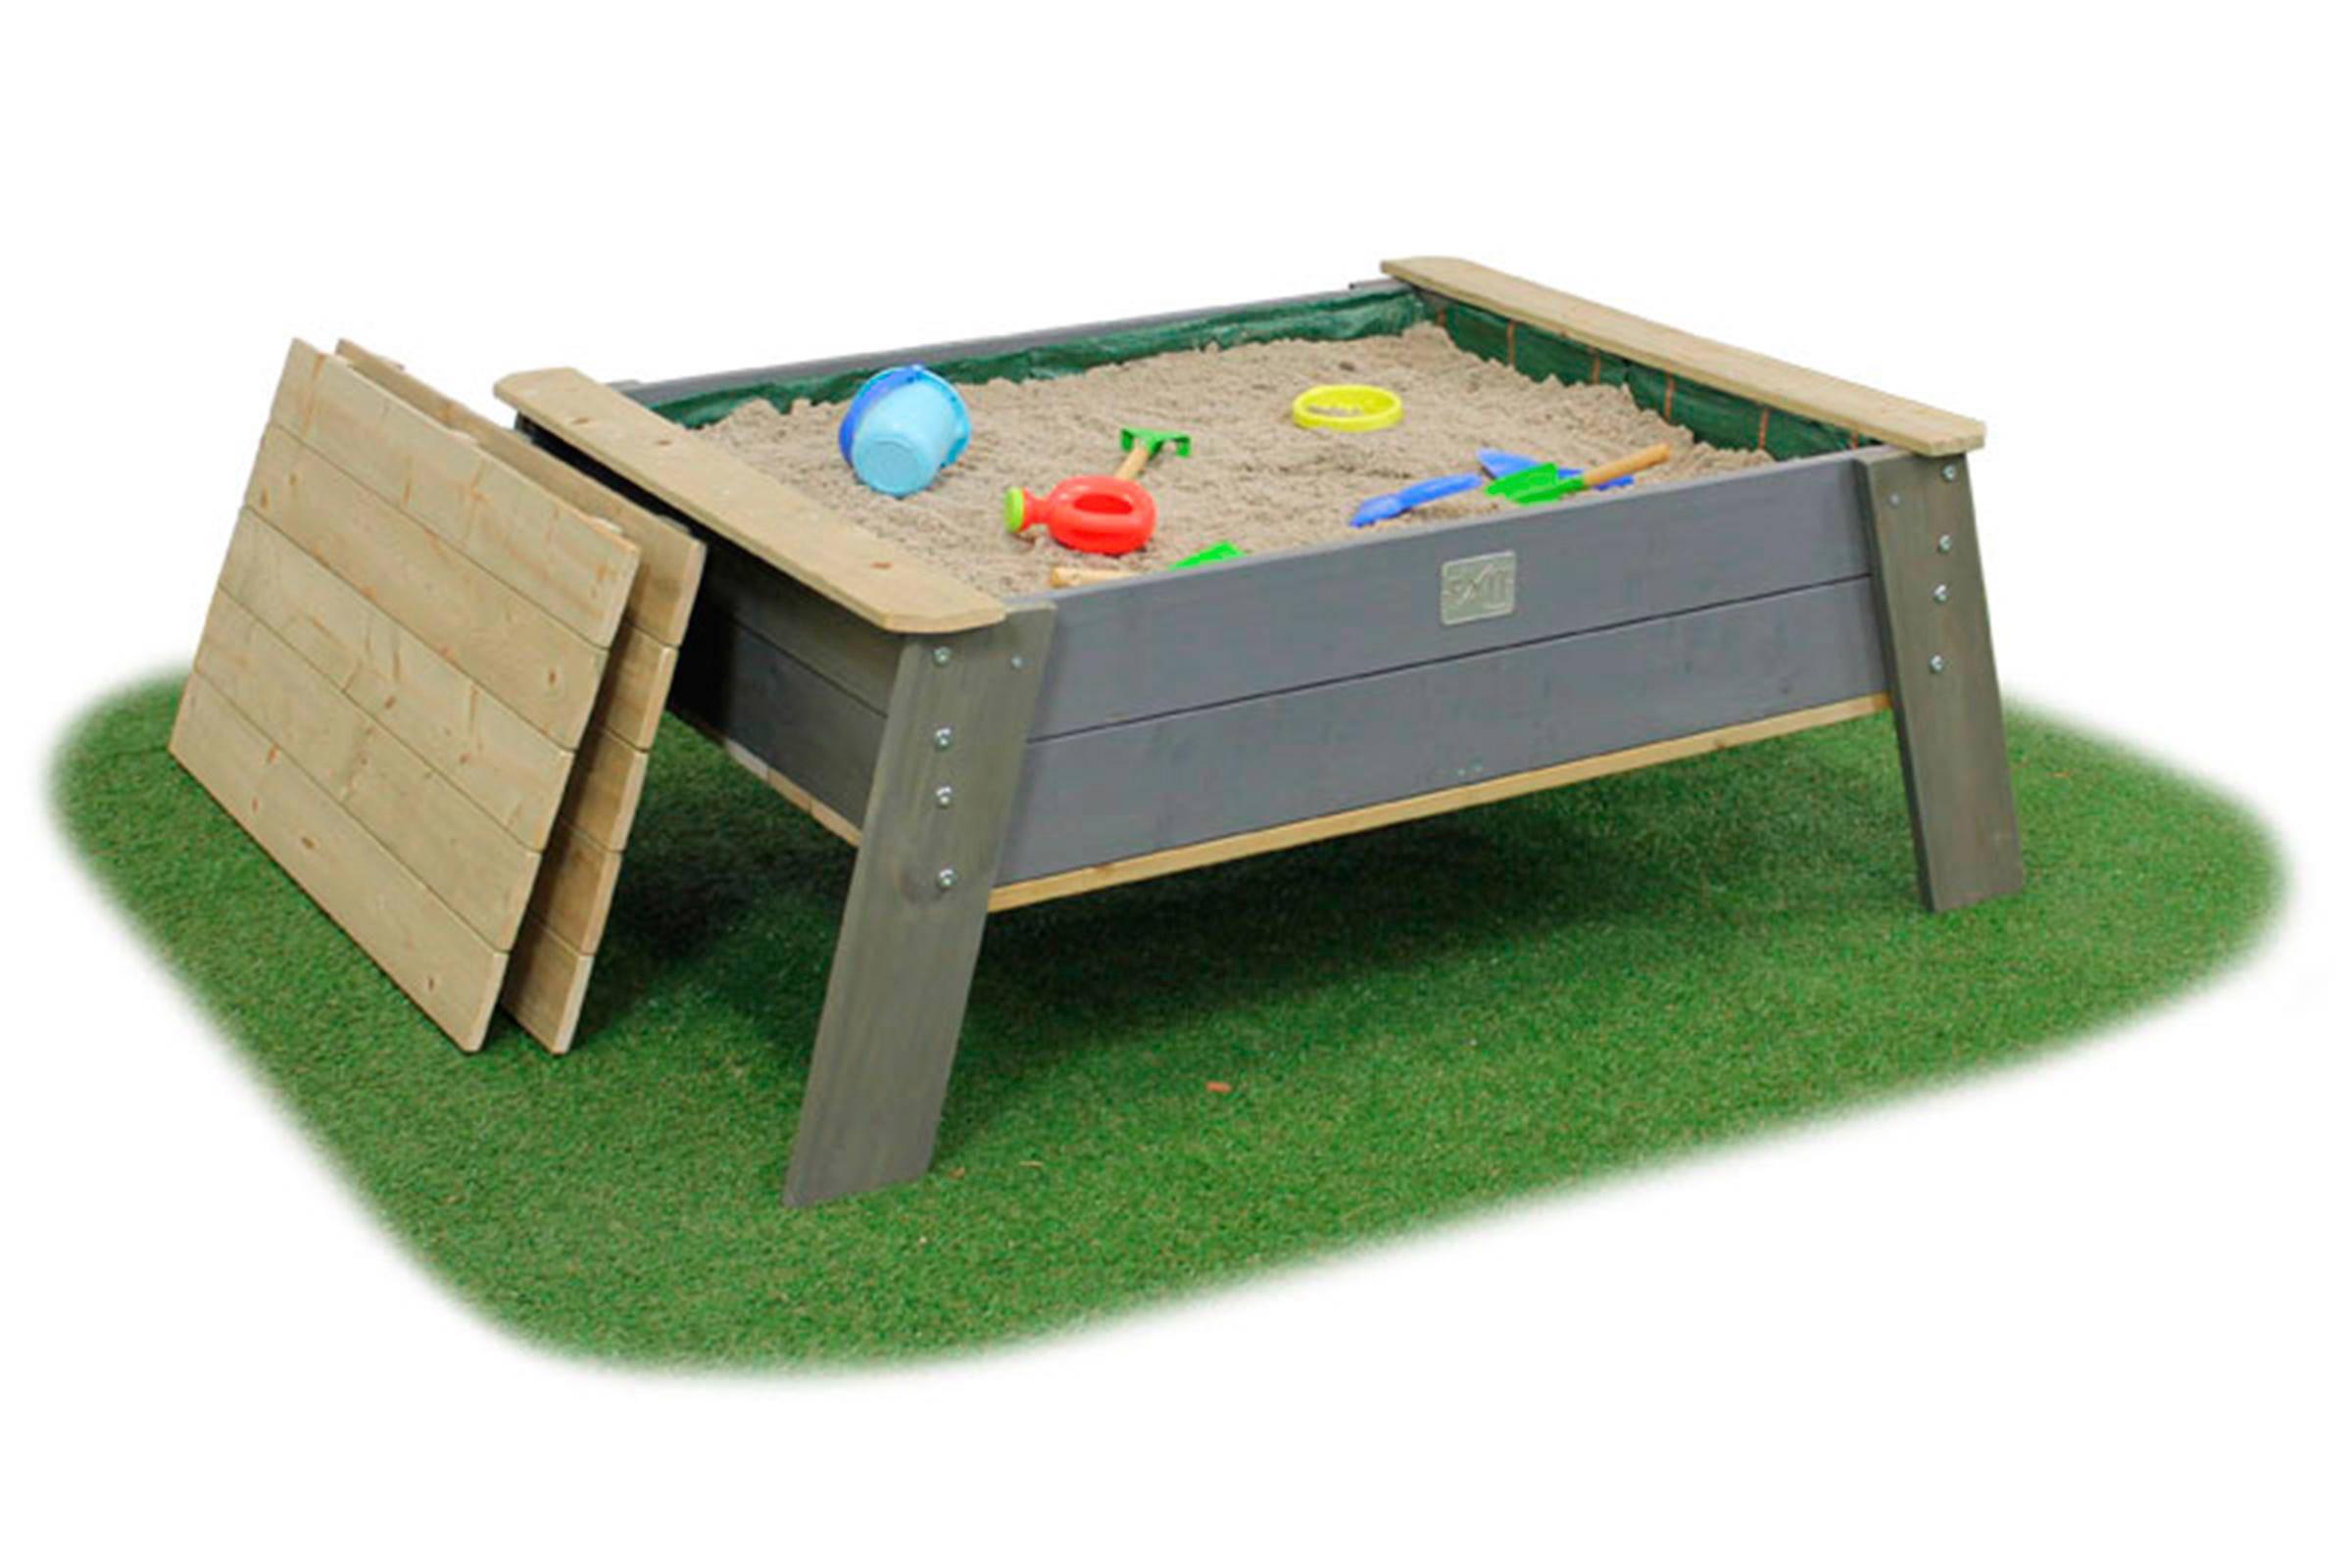 Multifunctionele Indoor Picknicktafel : Kinderspeeltafels bij wehkamp gratis bezorging vanaf 20.